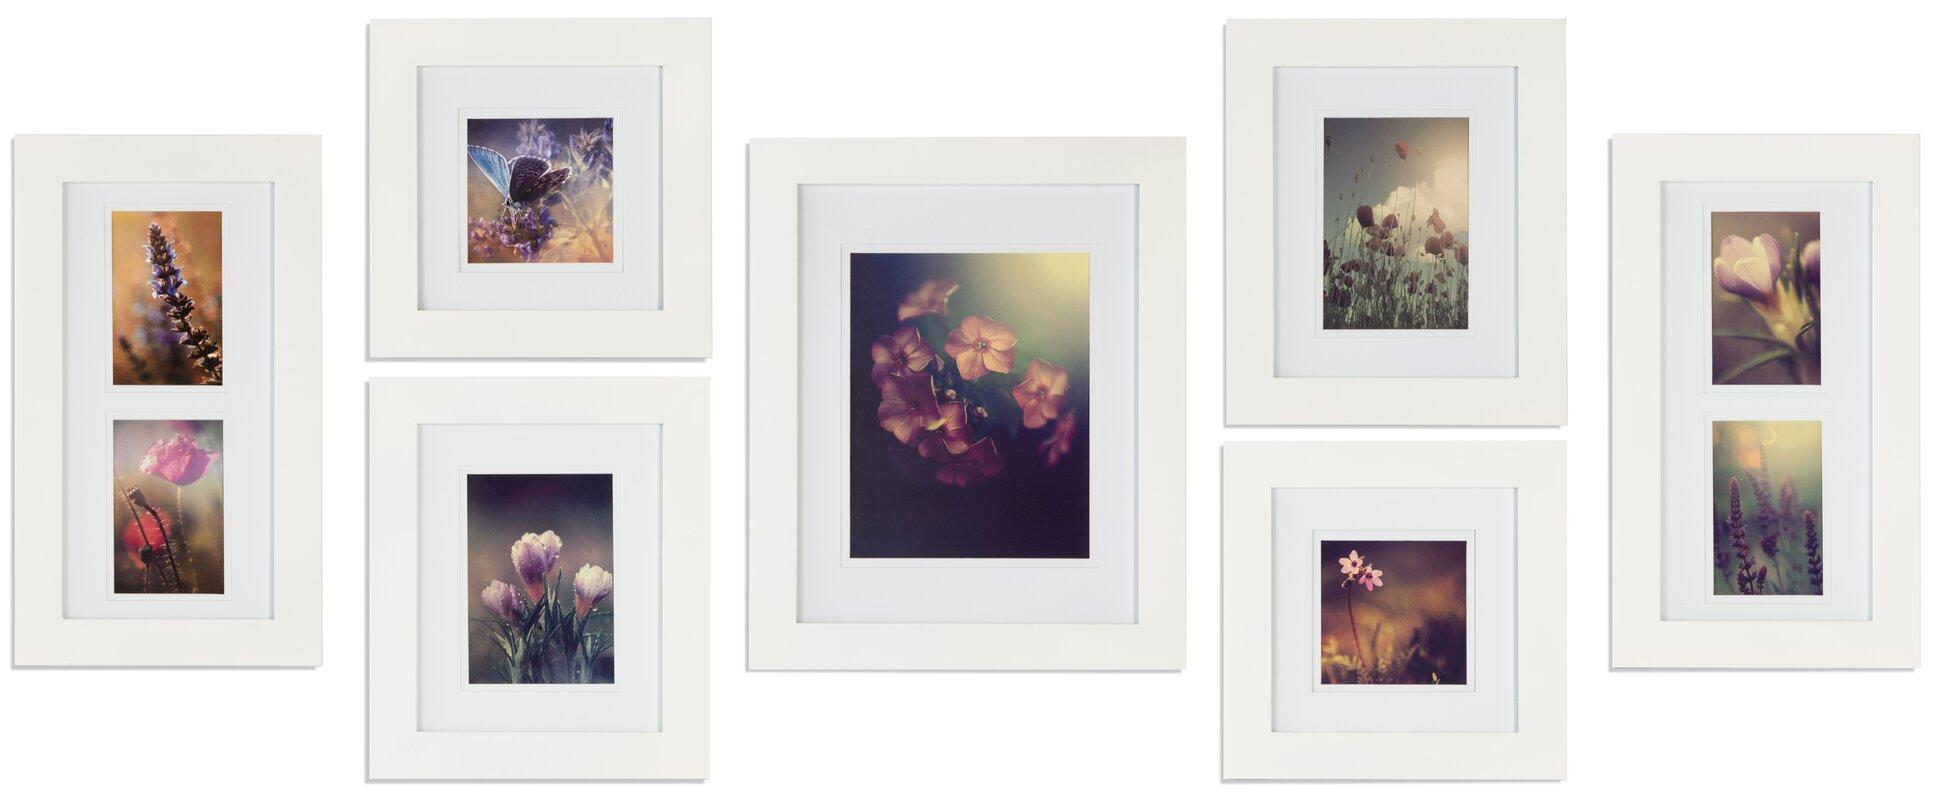 Nielsenbainbridge gallery solutions 7 piece picture frame set gallery solutions 7 piece picture frame set jeuxipadfo Images